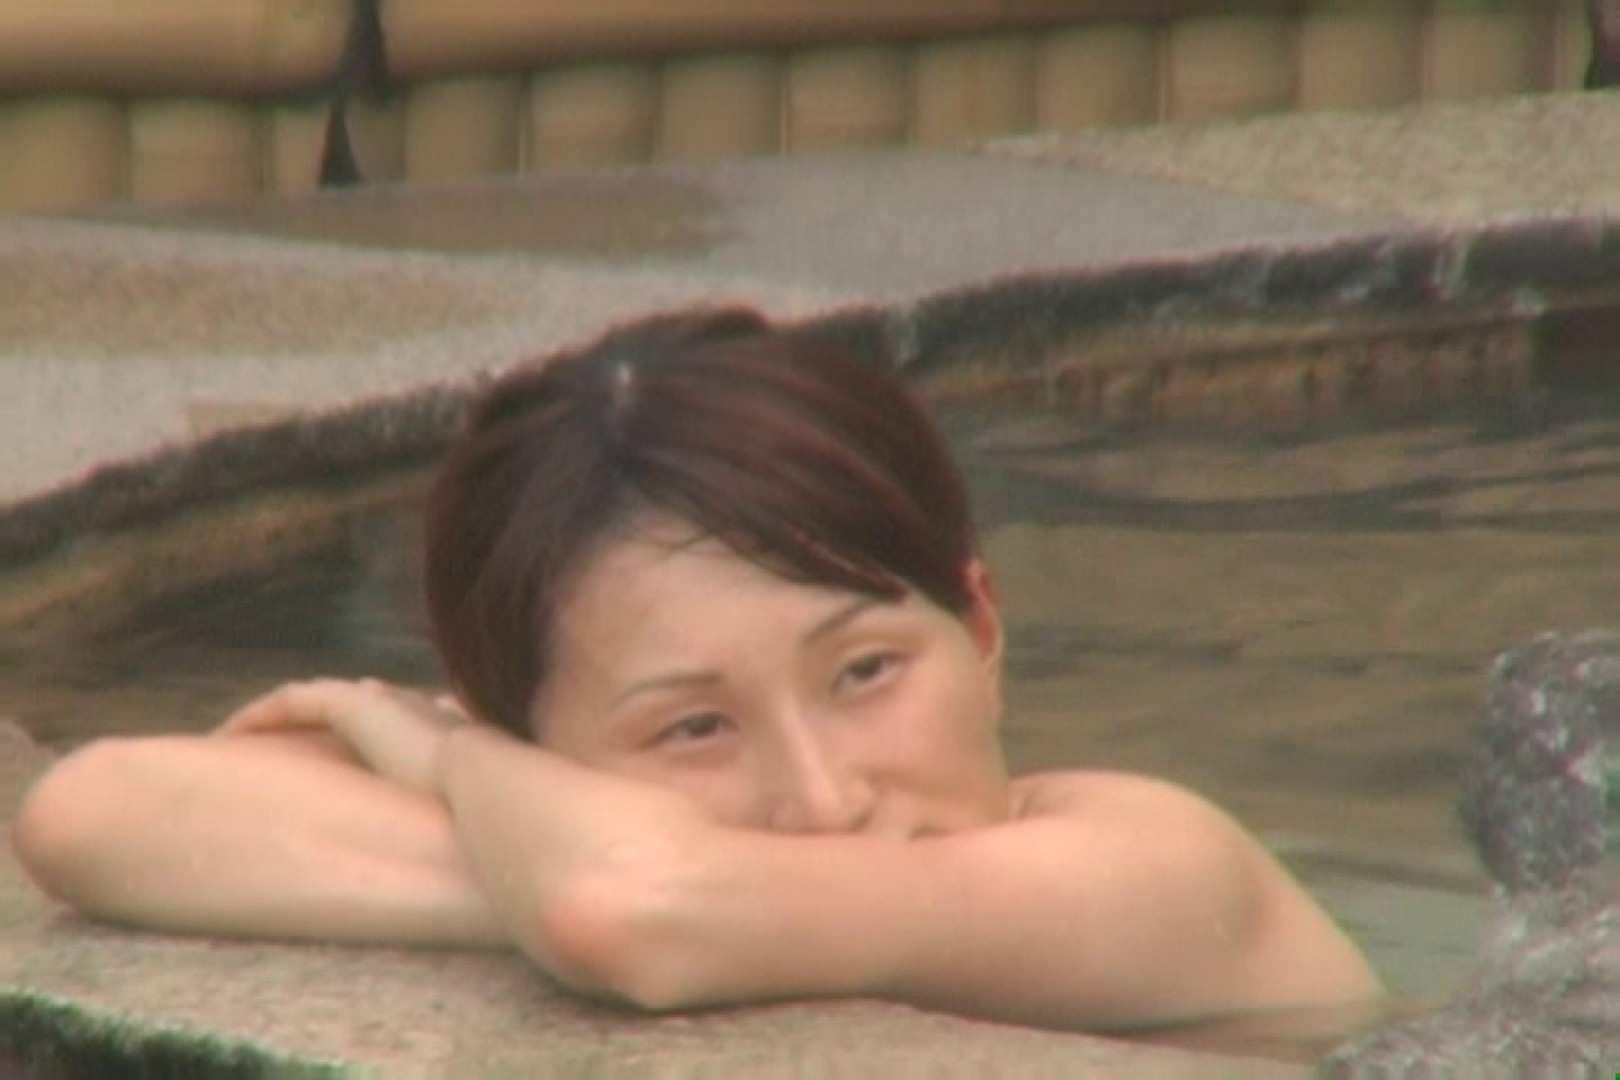 Aquaな露天風呂Vol.578 盗撮師作品 | 美しいOLの裸体  70pic 64